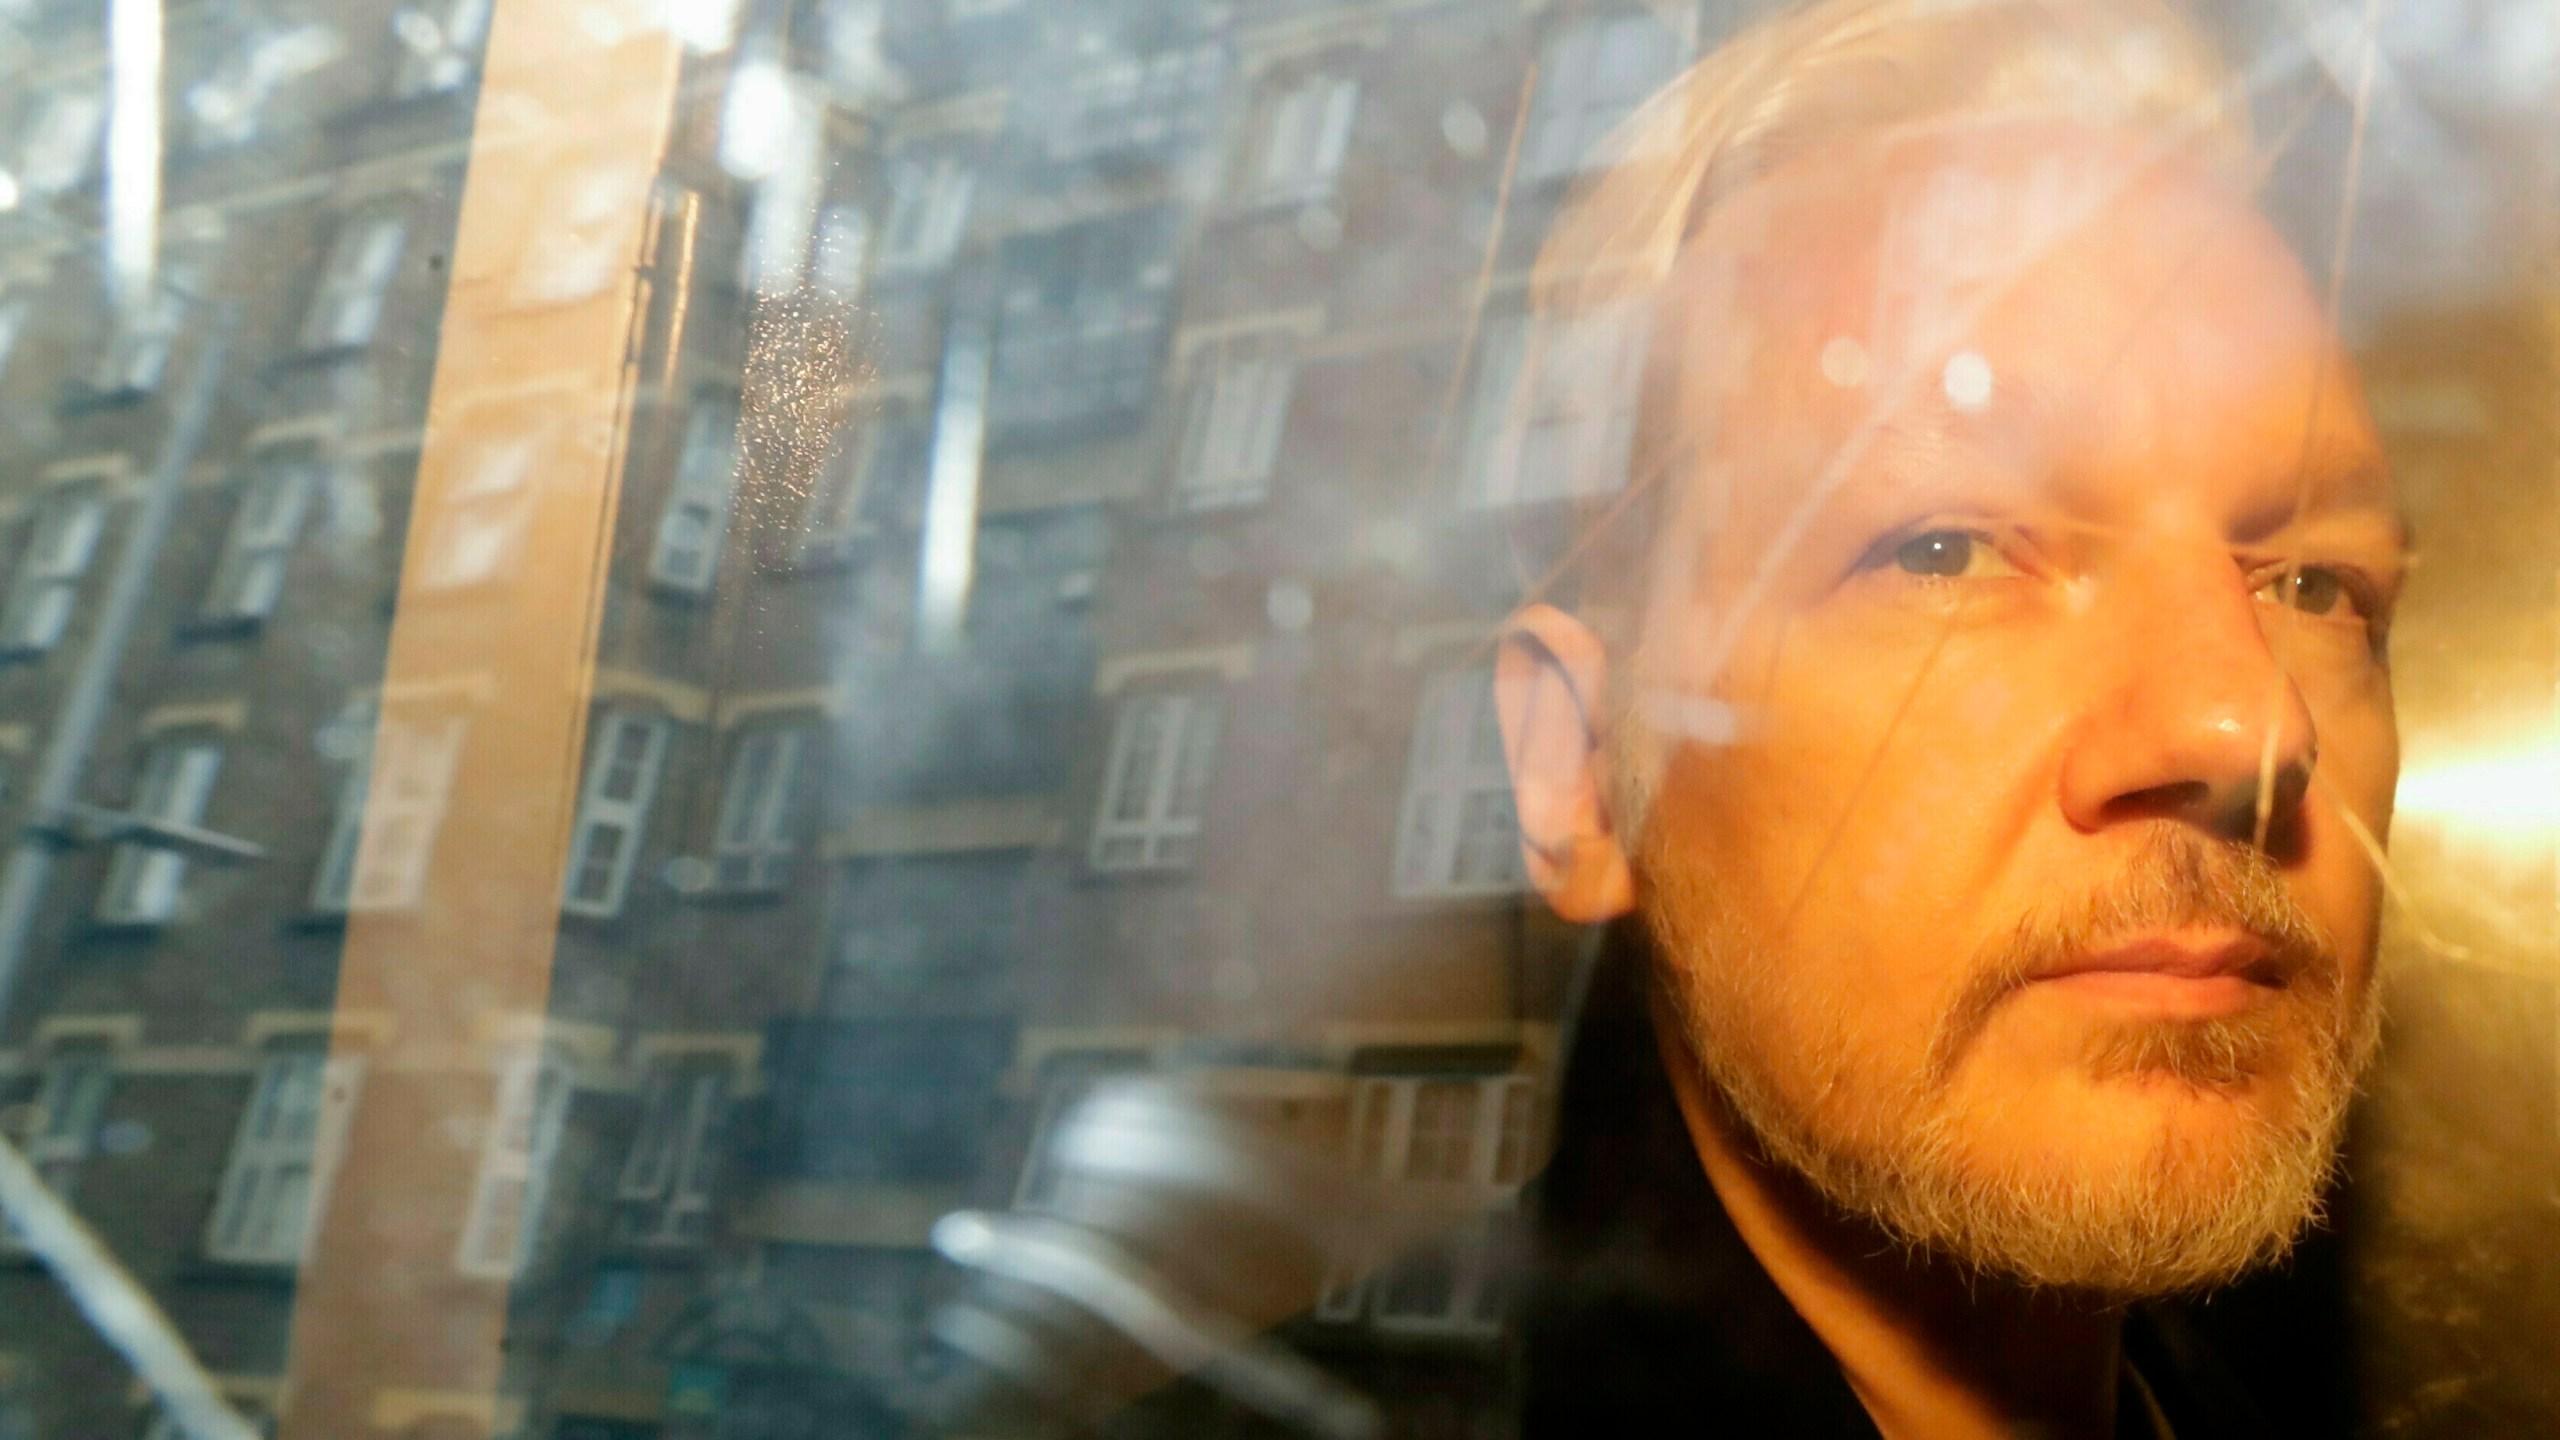 Britain_Sweden_Assange_72787-159532.jpg84490015